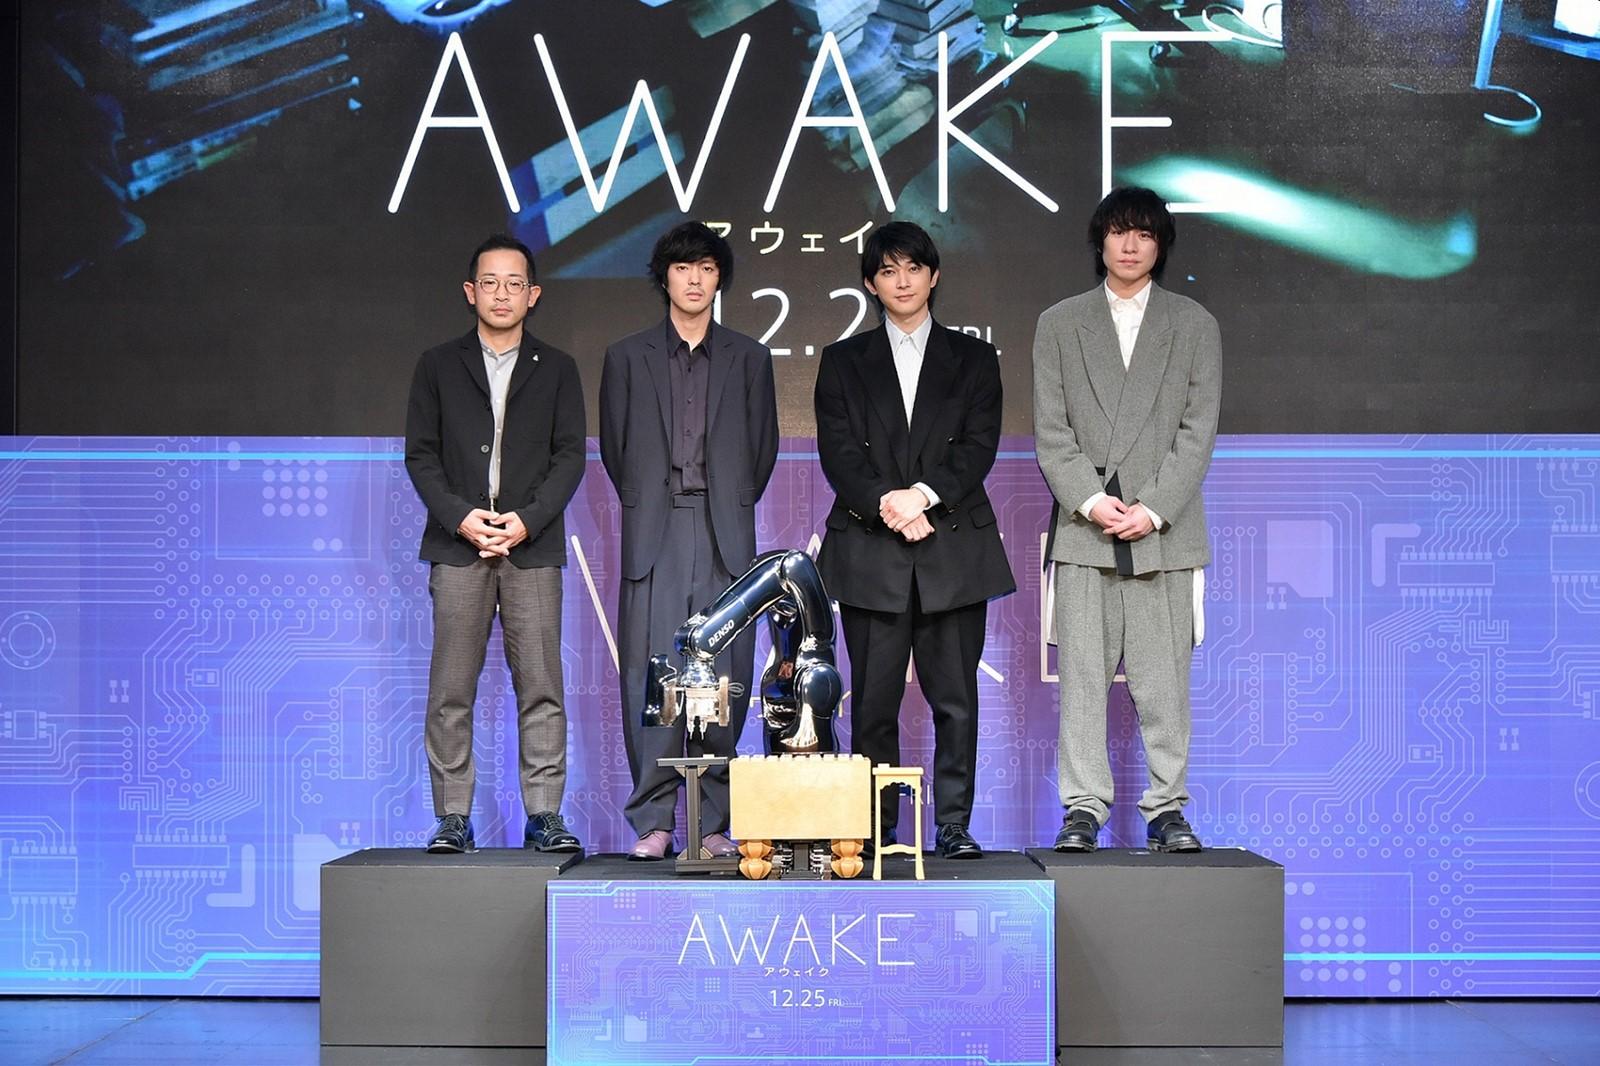 【写真】映画『AWAKE』完成報告会見 (吉沢亮、若葉竜也、落合モトキ、山田篤宏監督)